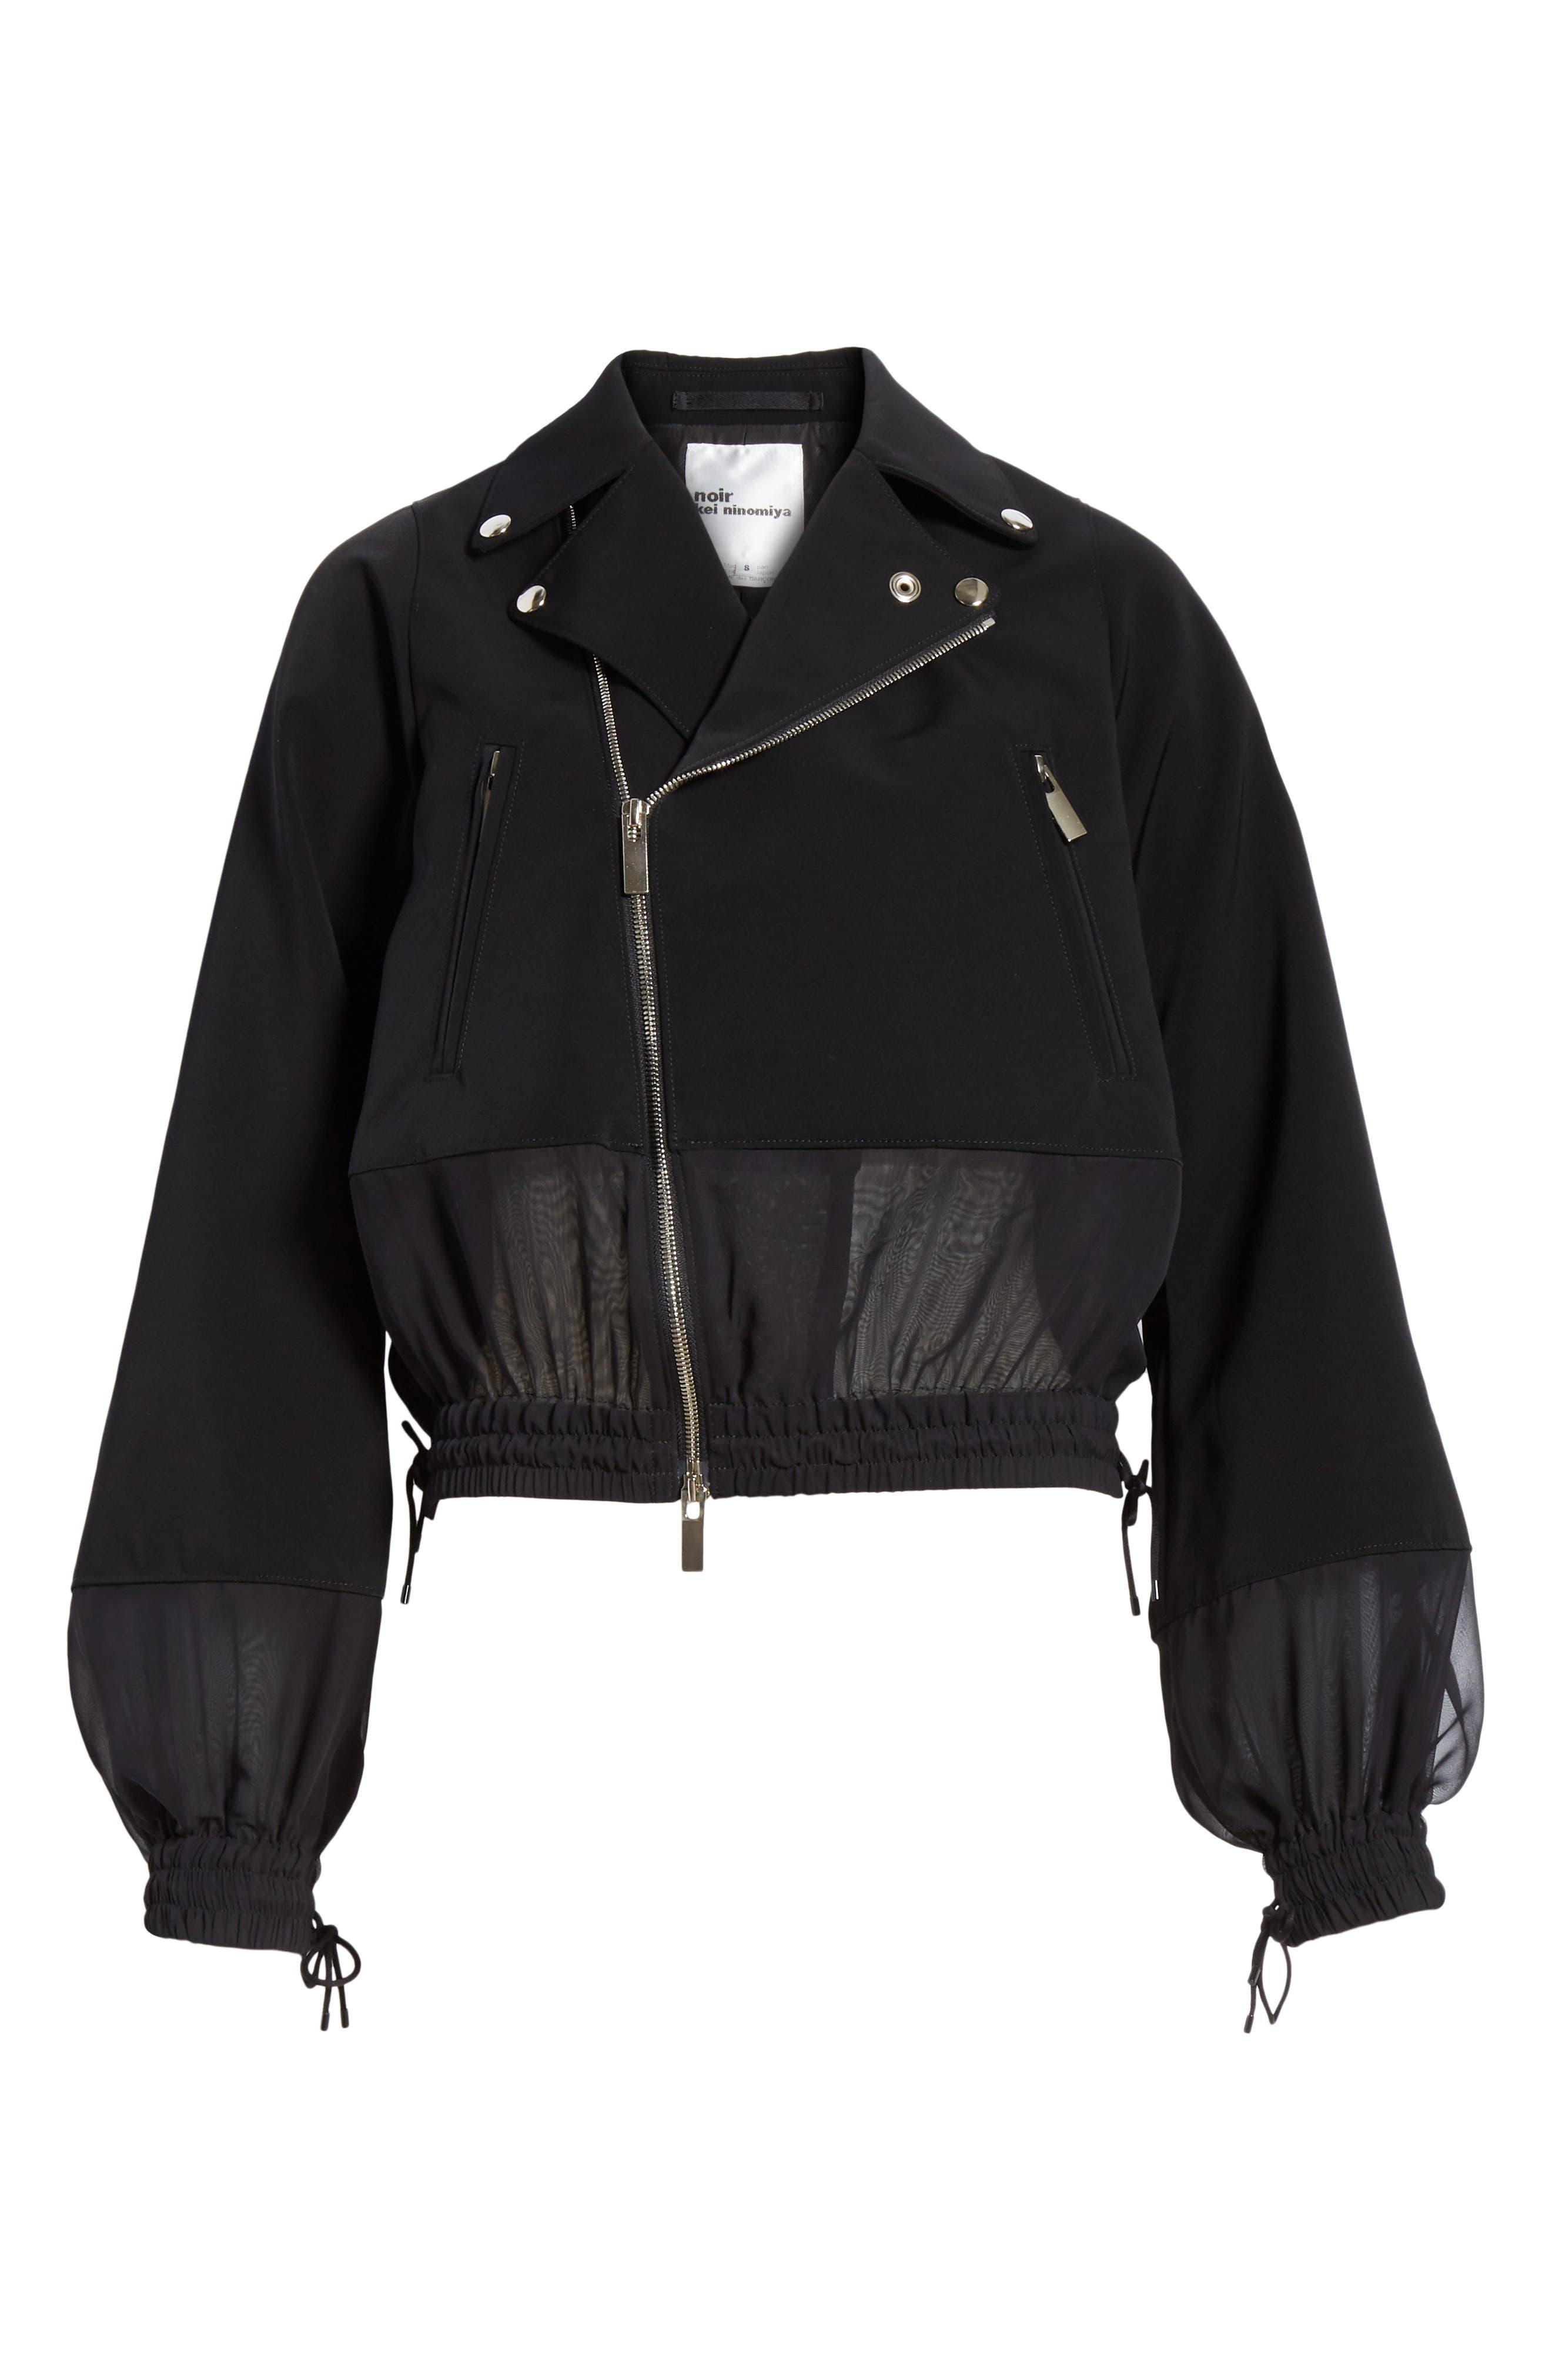 NOIR KEI NINOMIYA, Sheer Panel Moto Jacket, Alternate thumbnail 5, color, BLACK